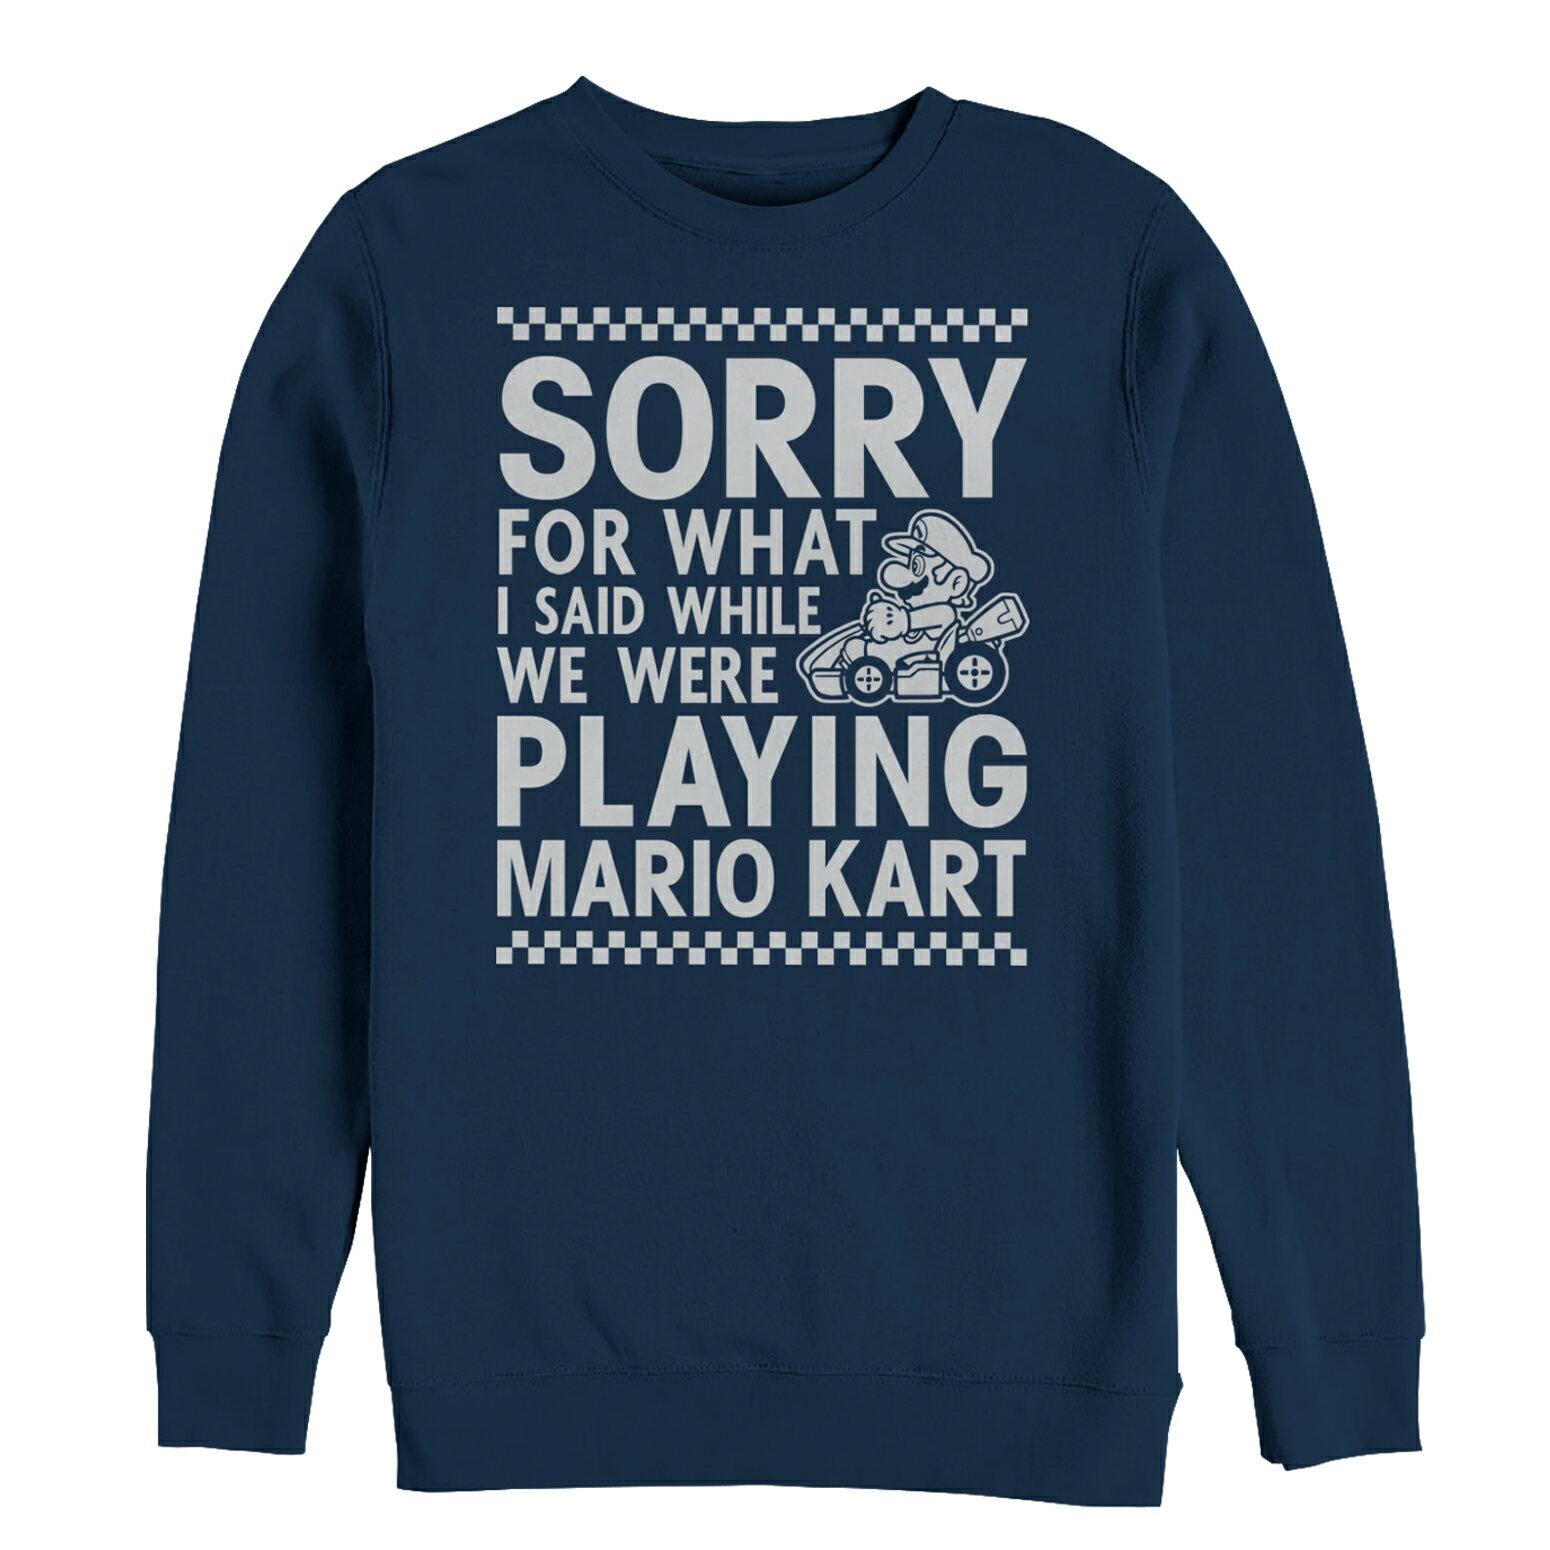 85776028e Nintendo Sorry For What I Said Playing Mario Kart Mens Graphic Sweatshirt 0